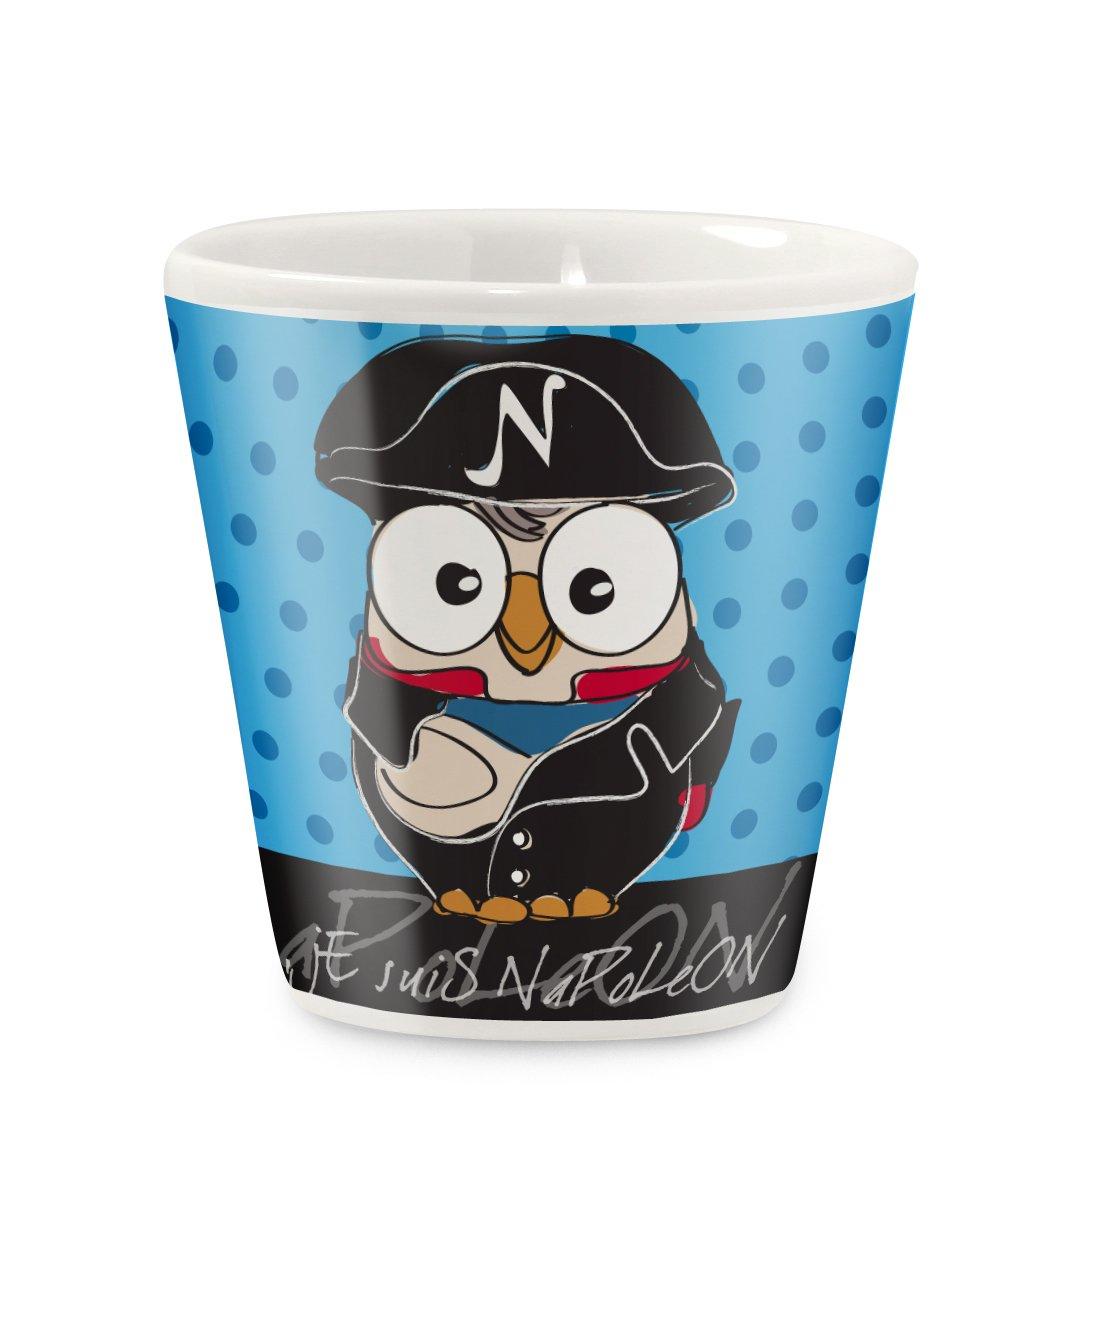 Modello Napoleone Multicolore 11 unit/à Egan PML83GU//1NB Bicchierino Caffe Porcellana